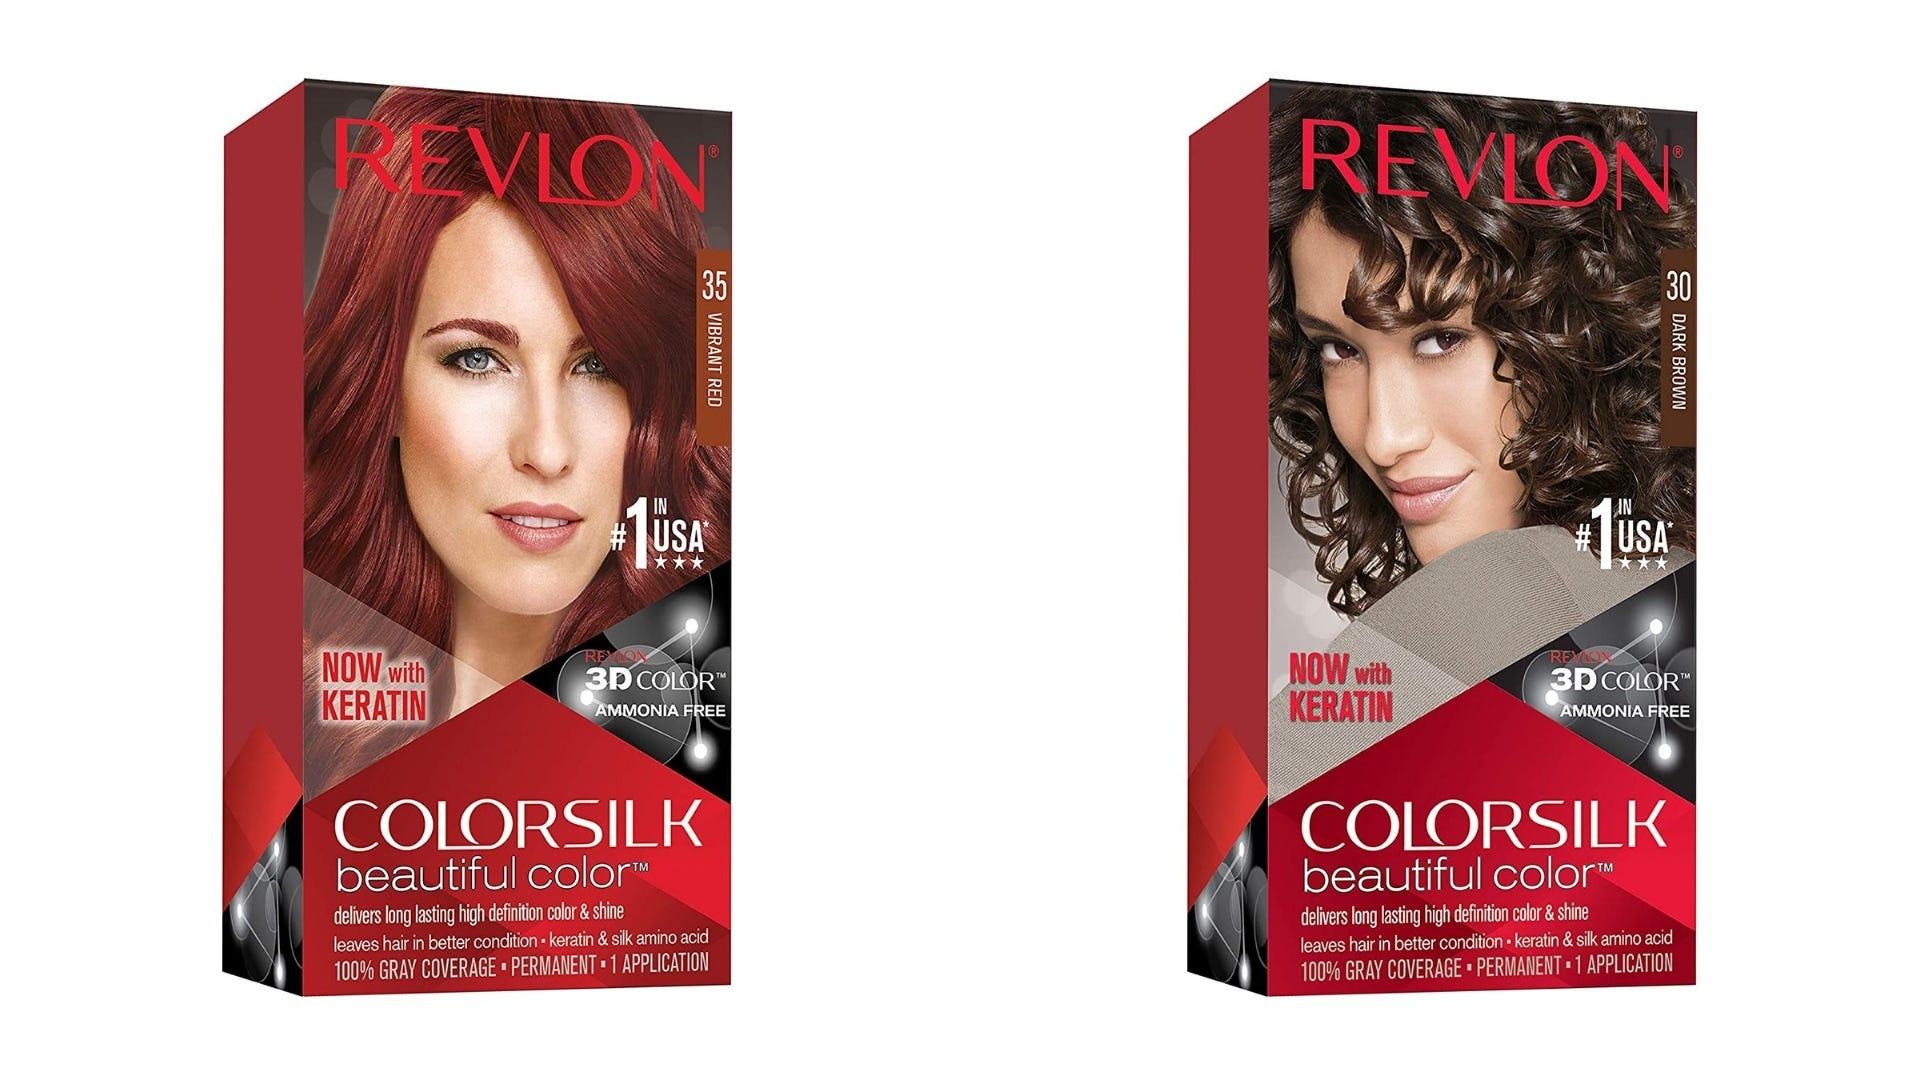 Two boxes of Revlon hair dye